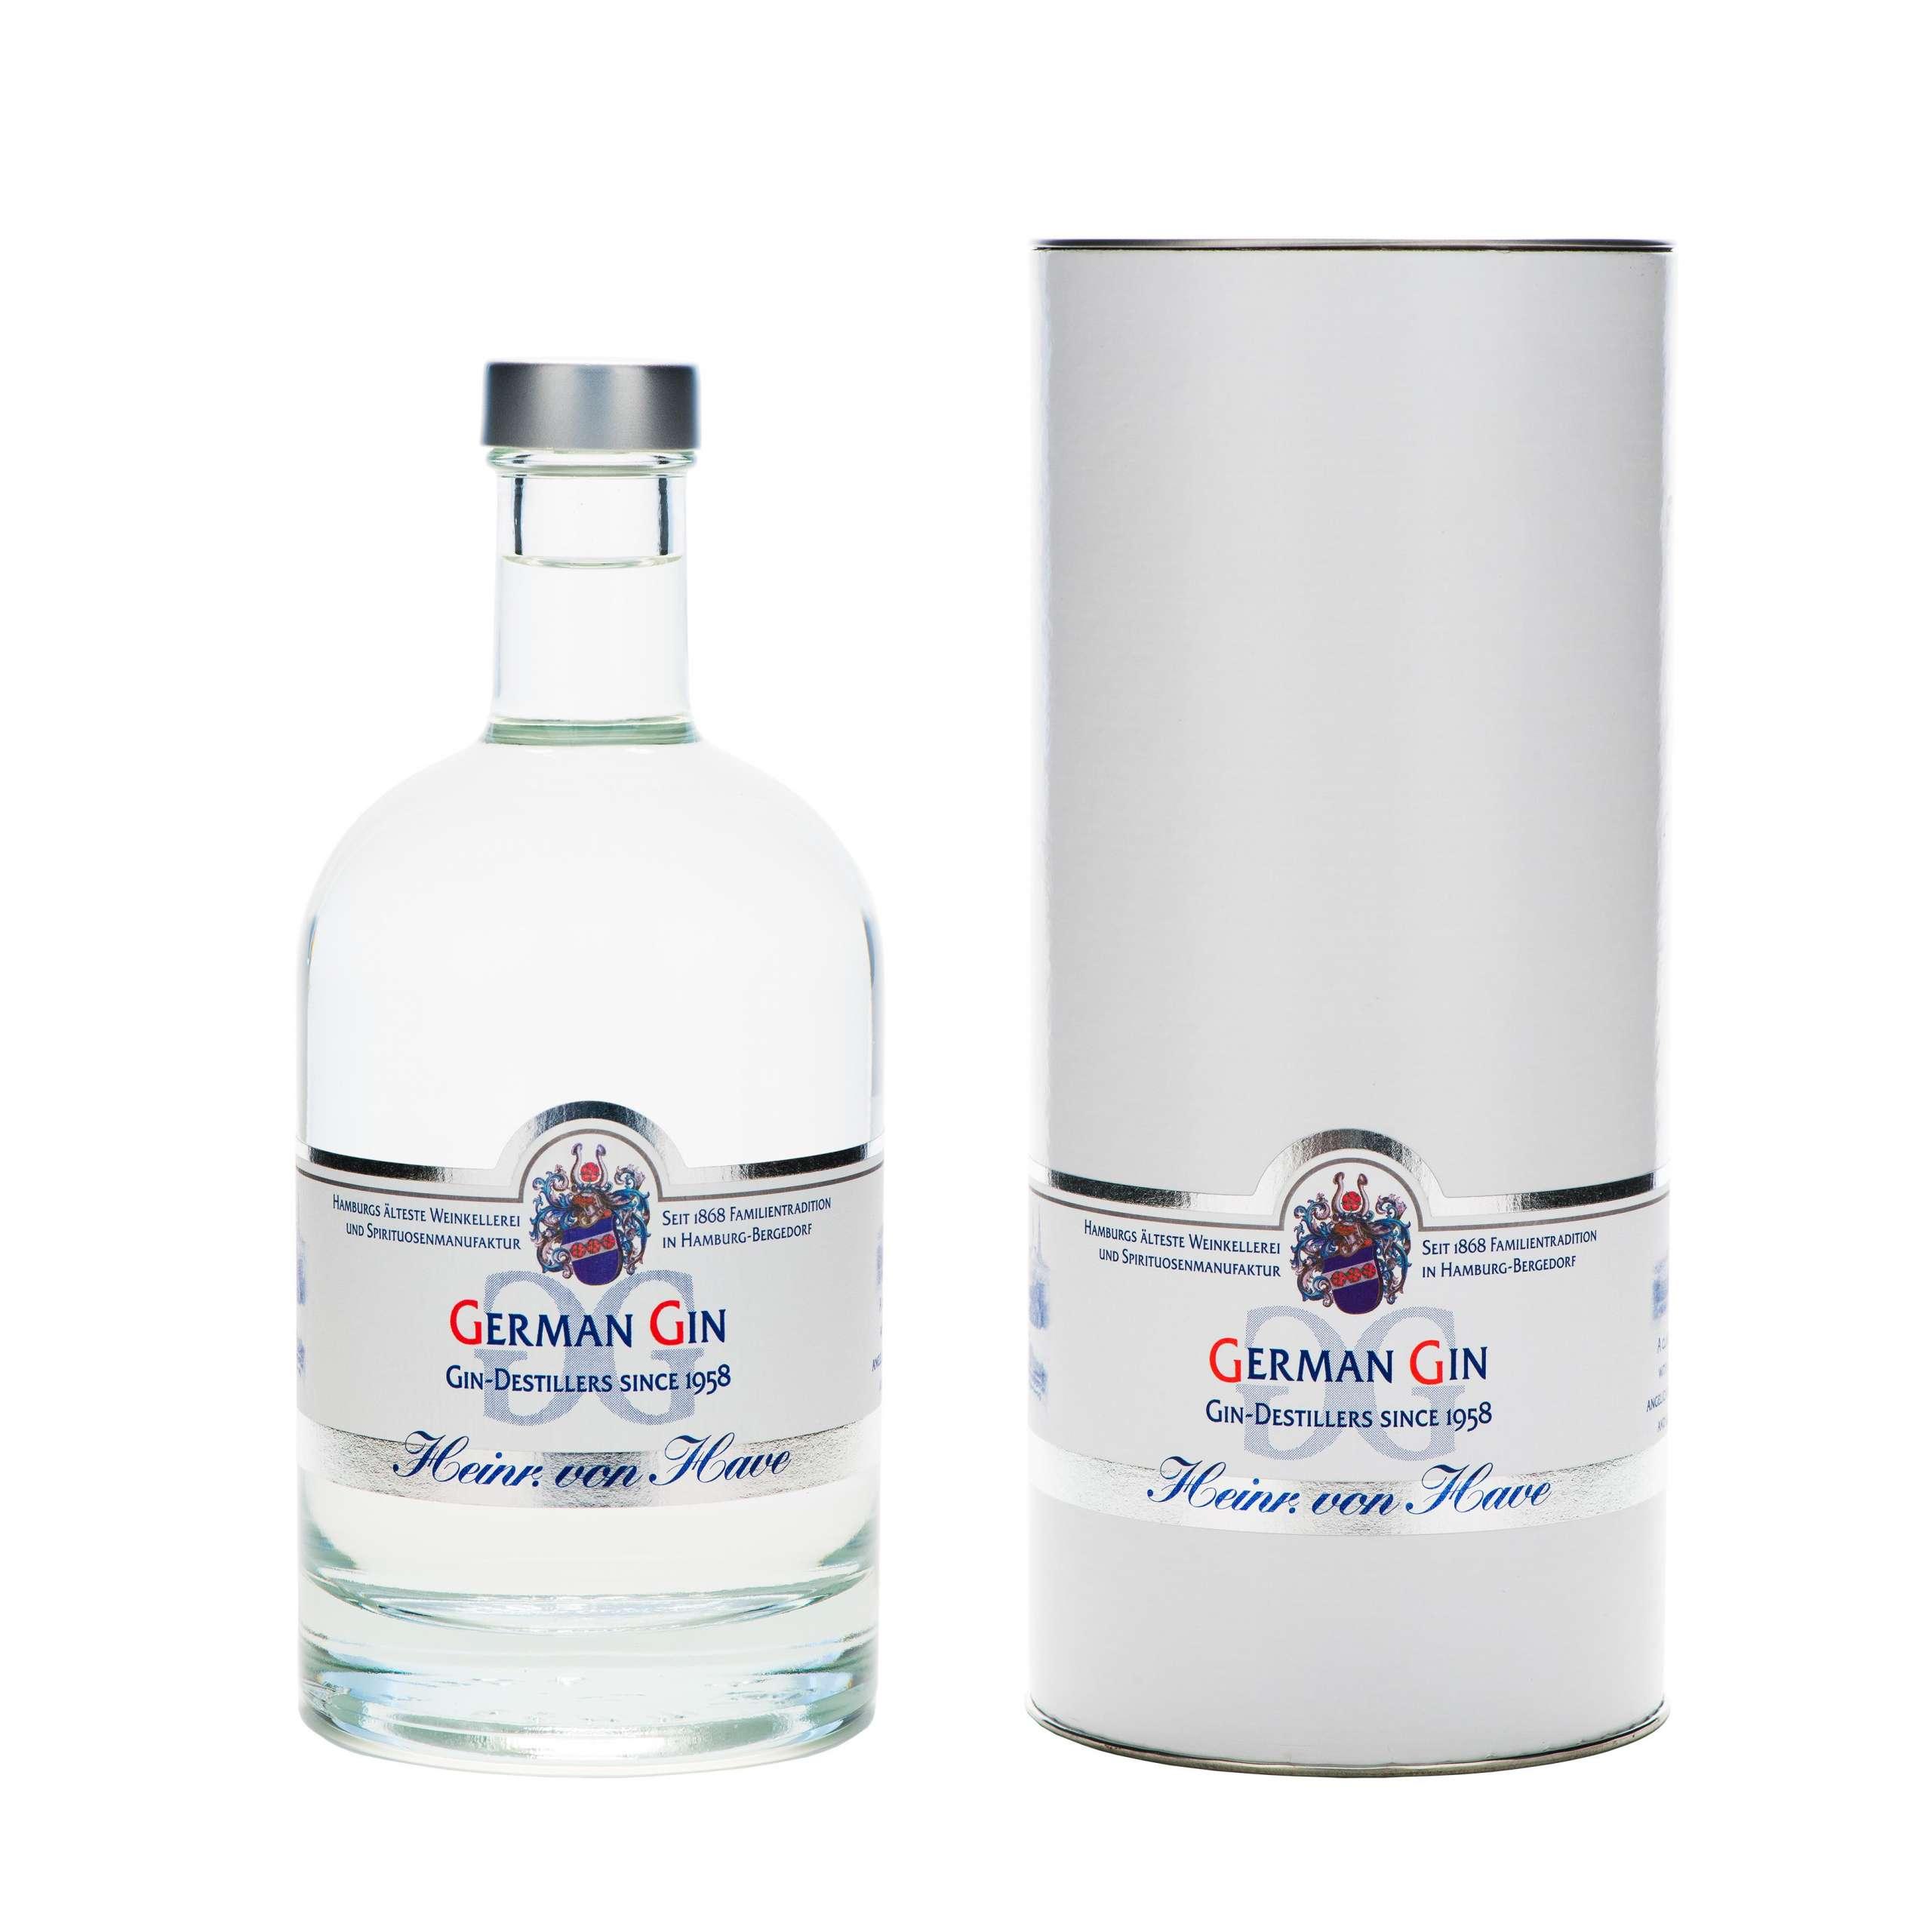 German Gin Heinrich von Have 0,5 Liter | bolou.de